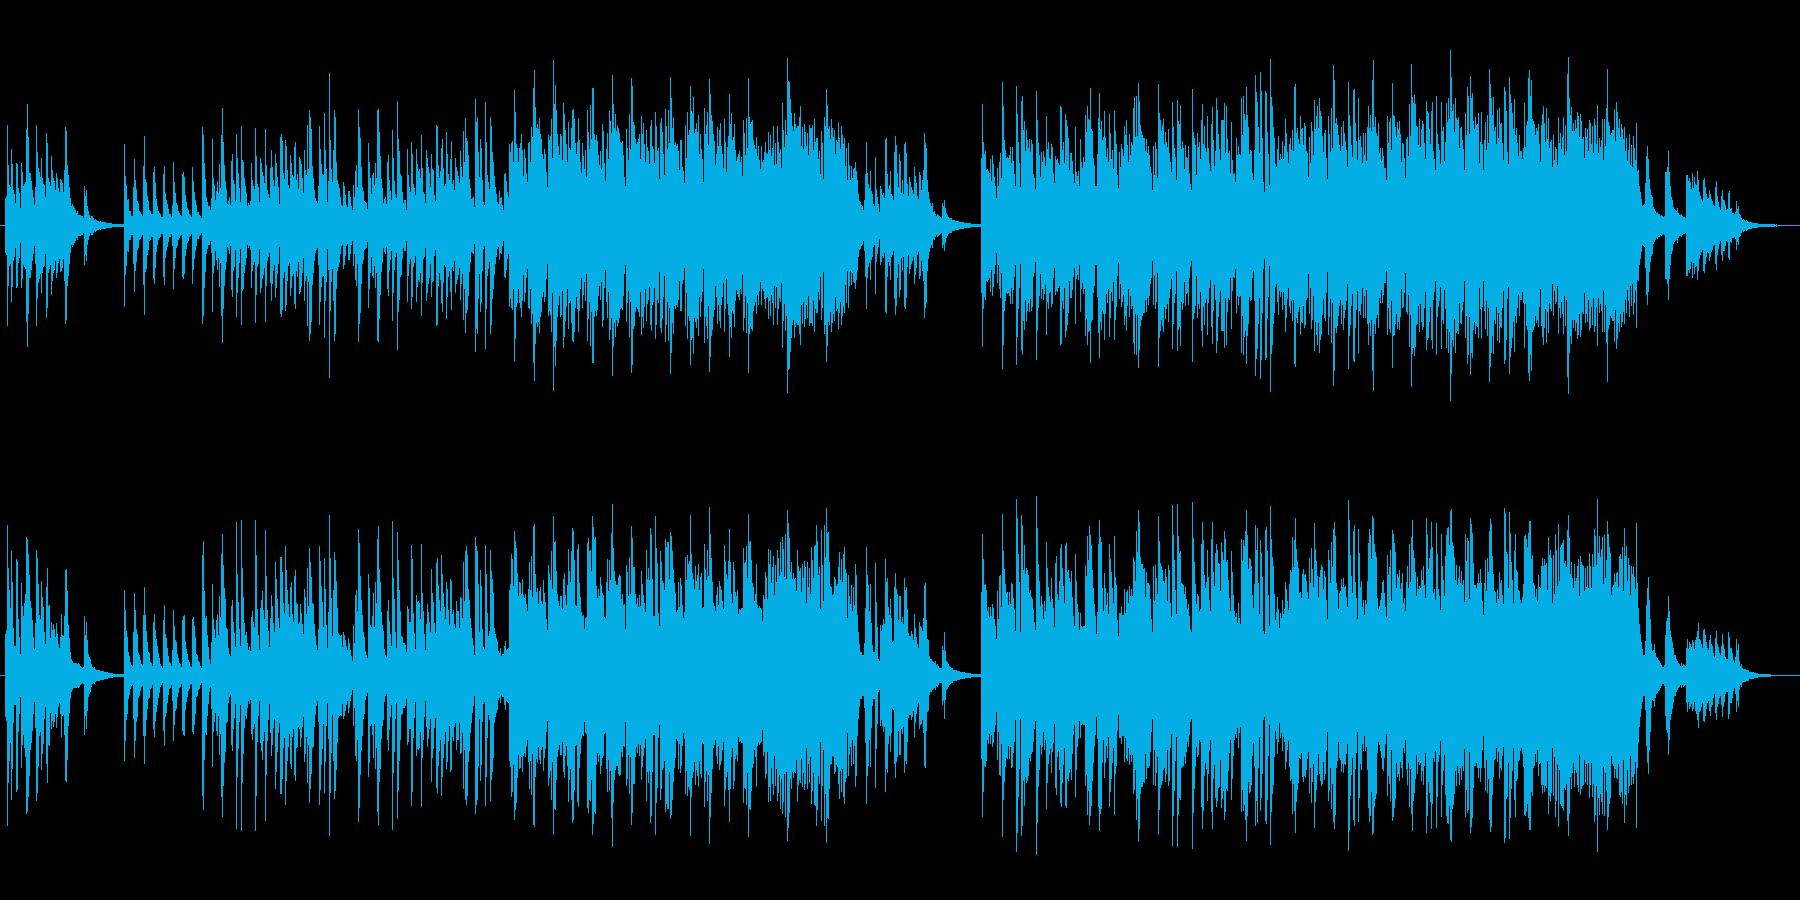 優しく美しいピアノによるバラードの再生済みの波形